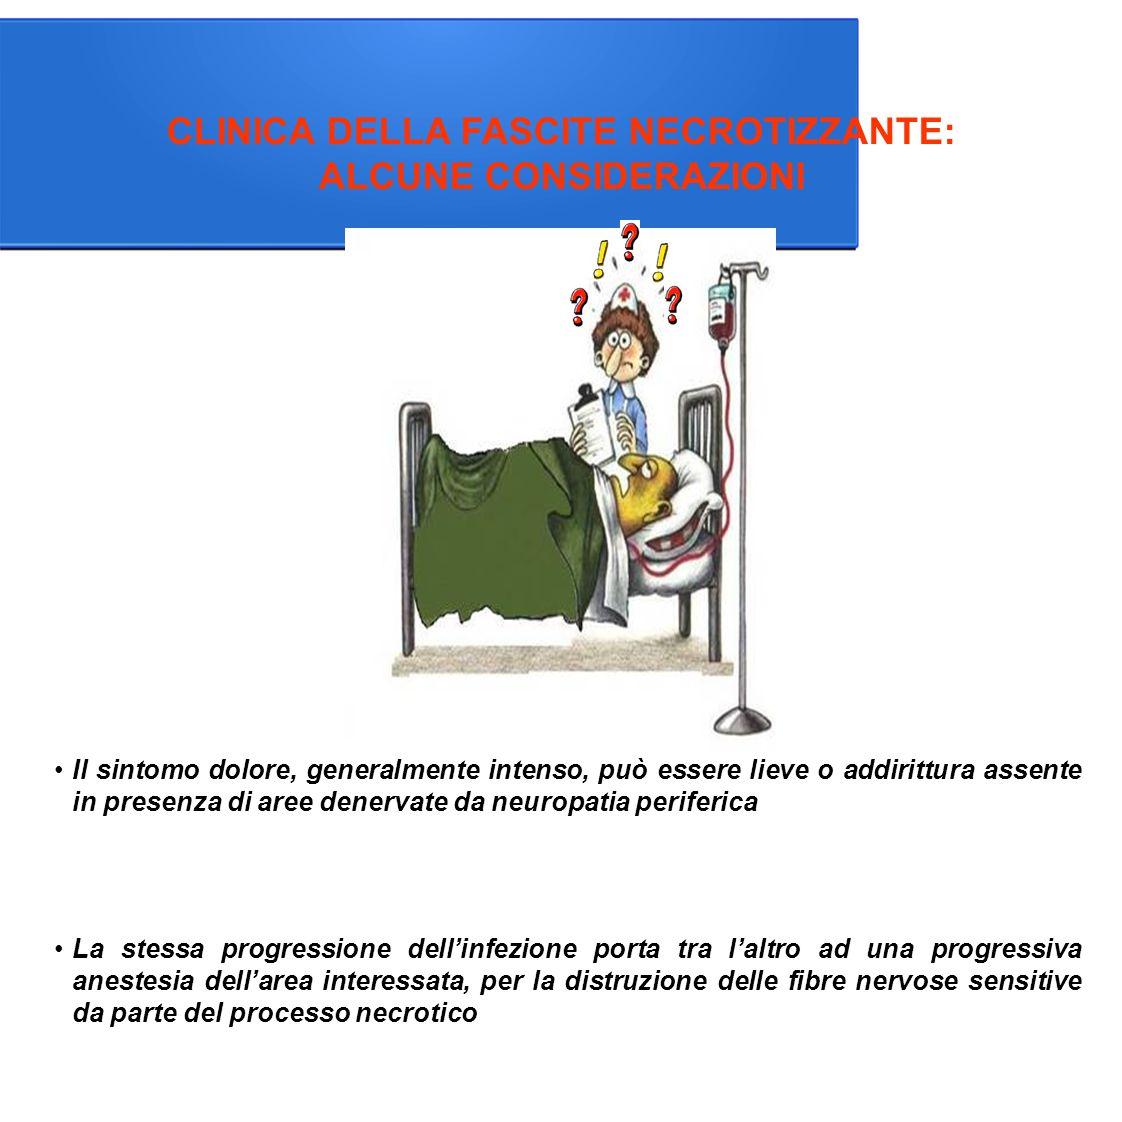 CLINICA DELLA FASCITE NECROTIZZANTE: ALCUNE CONSIDERAZIONI La stessa progressione dell'infezione porta tra l'altro ad una progressiva anestesia dell'area interessata, per la distruzione delle fibre nervose sensitive da parte del processo necrotico Il sintomo dolore, generalmente intenso, può essere lieve o addirittura assente in presenza di aree denervate da neuropatia periferica